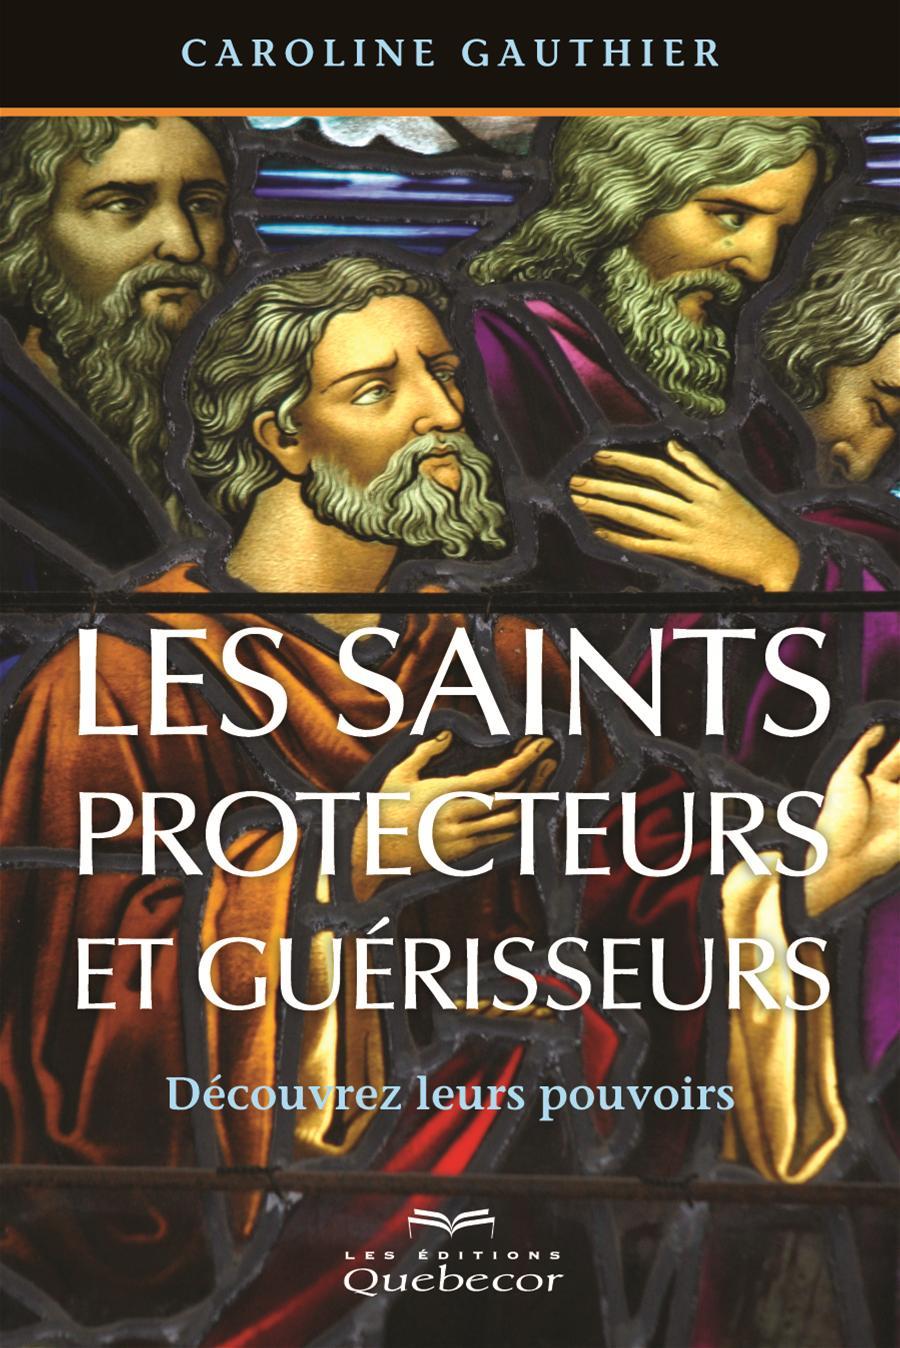 Les saints protecteurs et guérisseurs